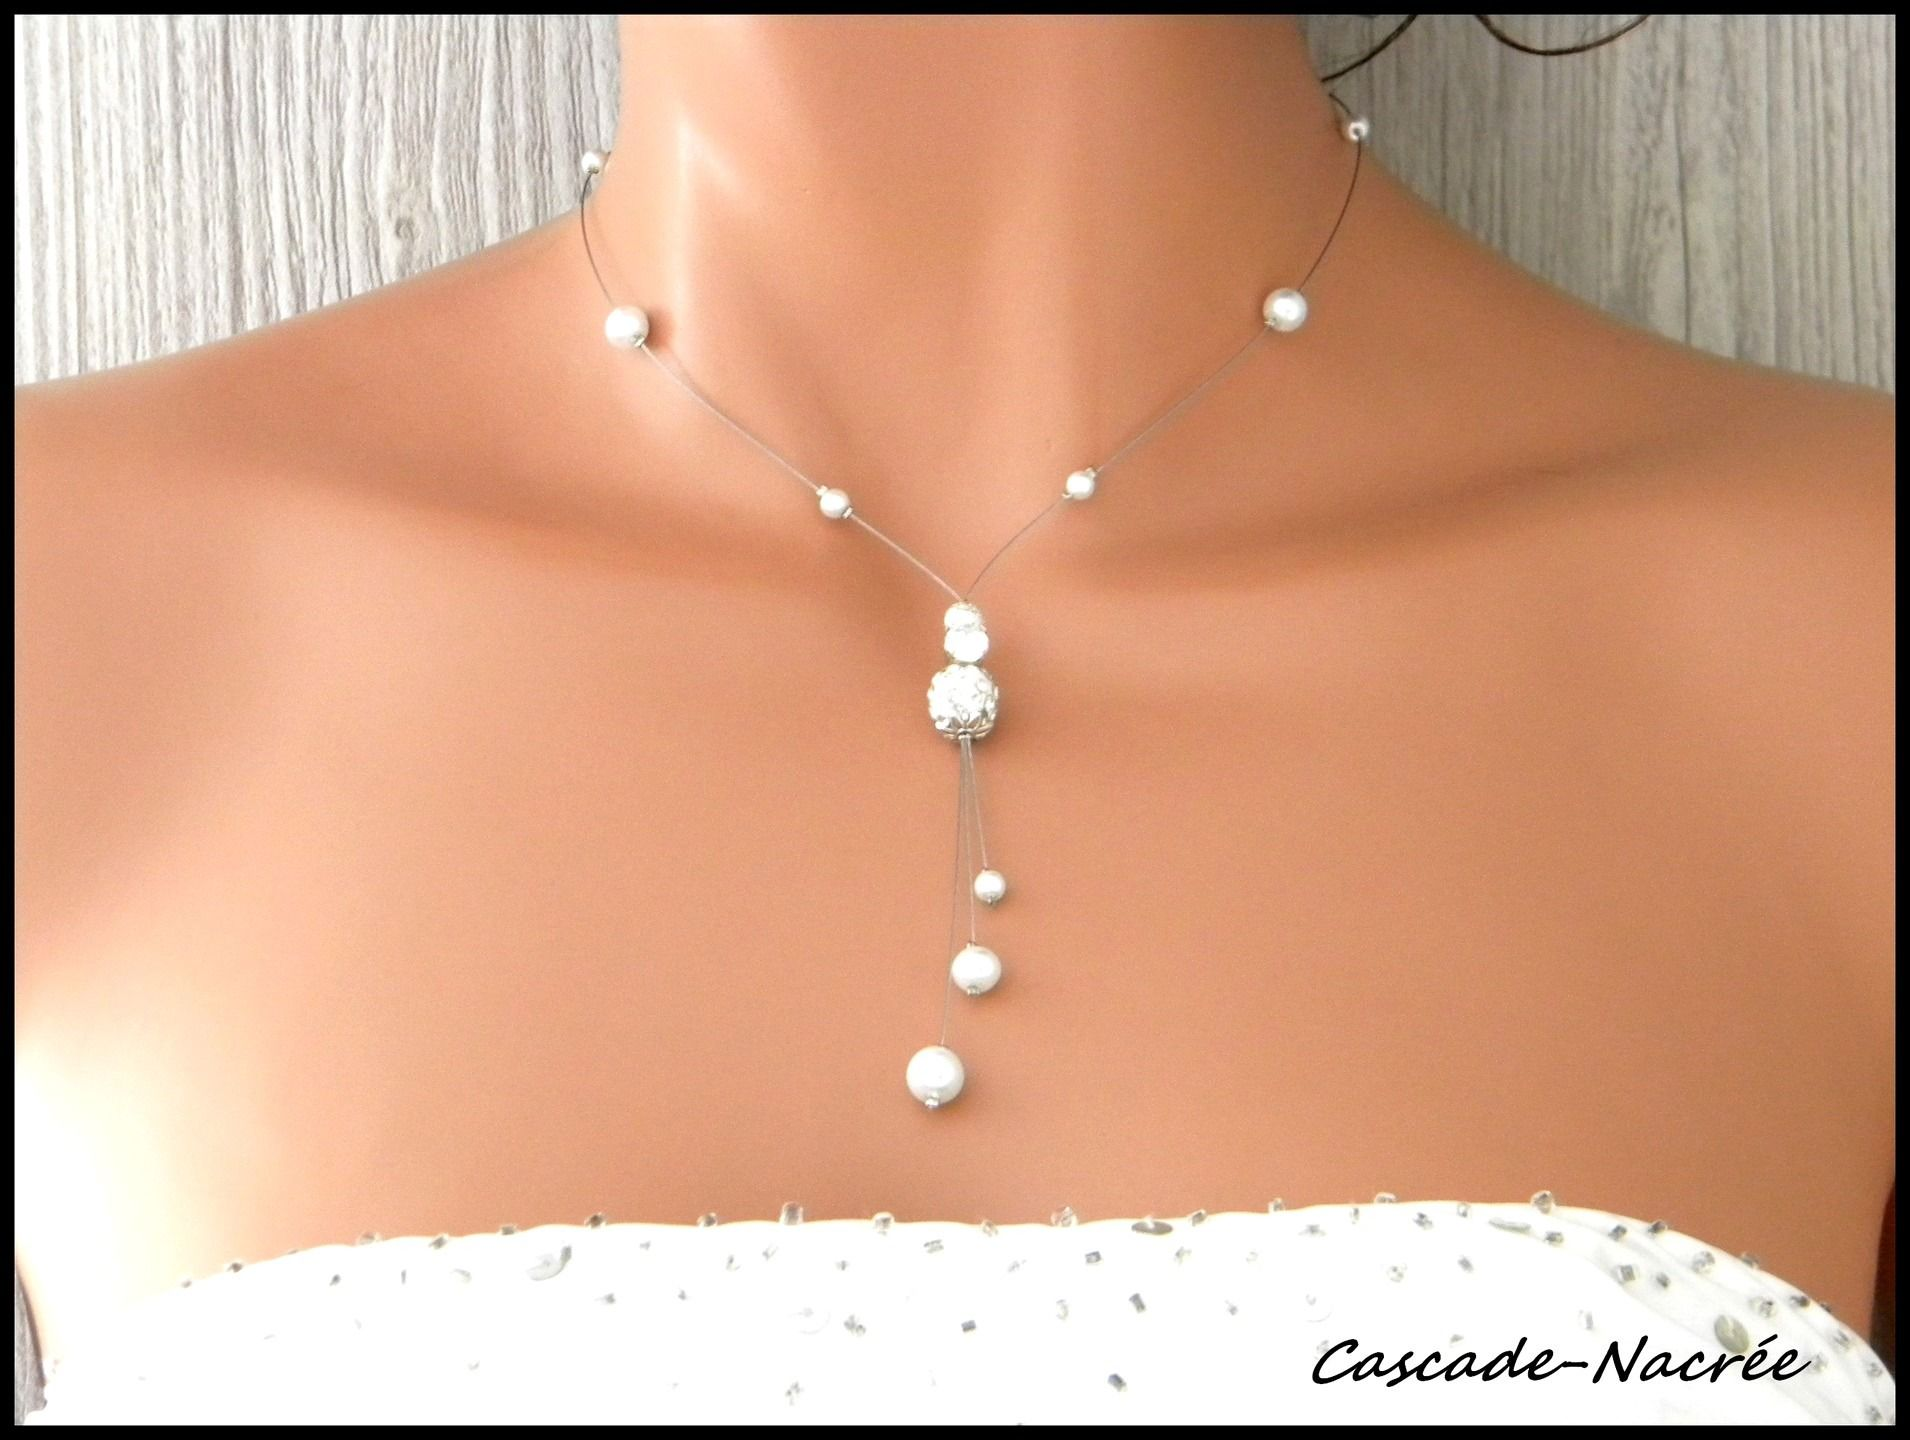 8b1111e70da9d collier blanche Axelle cristal blanc mariée alu argenté perle mariage bijoux  : Collier par bijoucascadenacree